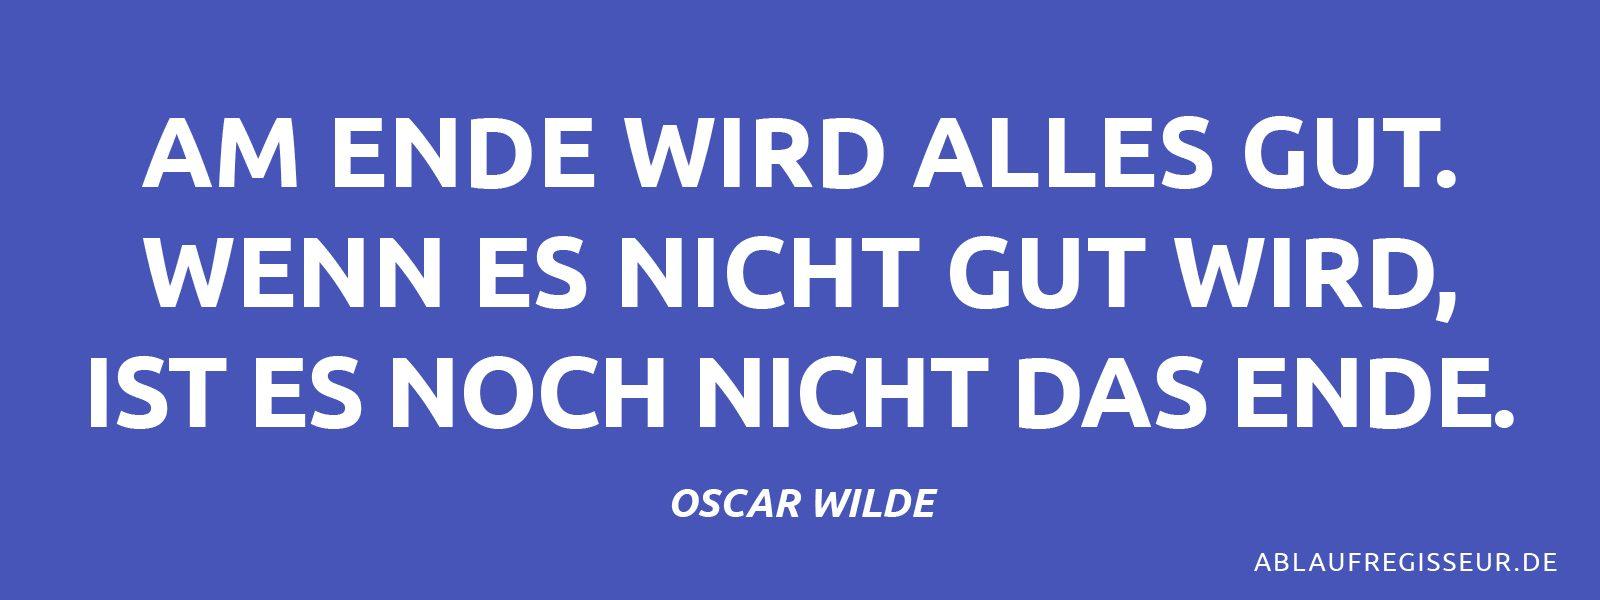 Am Ende wird alles gut. Wenn es nicht gut wird, ist es noch nicht das Ende. Oscar Wilde